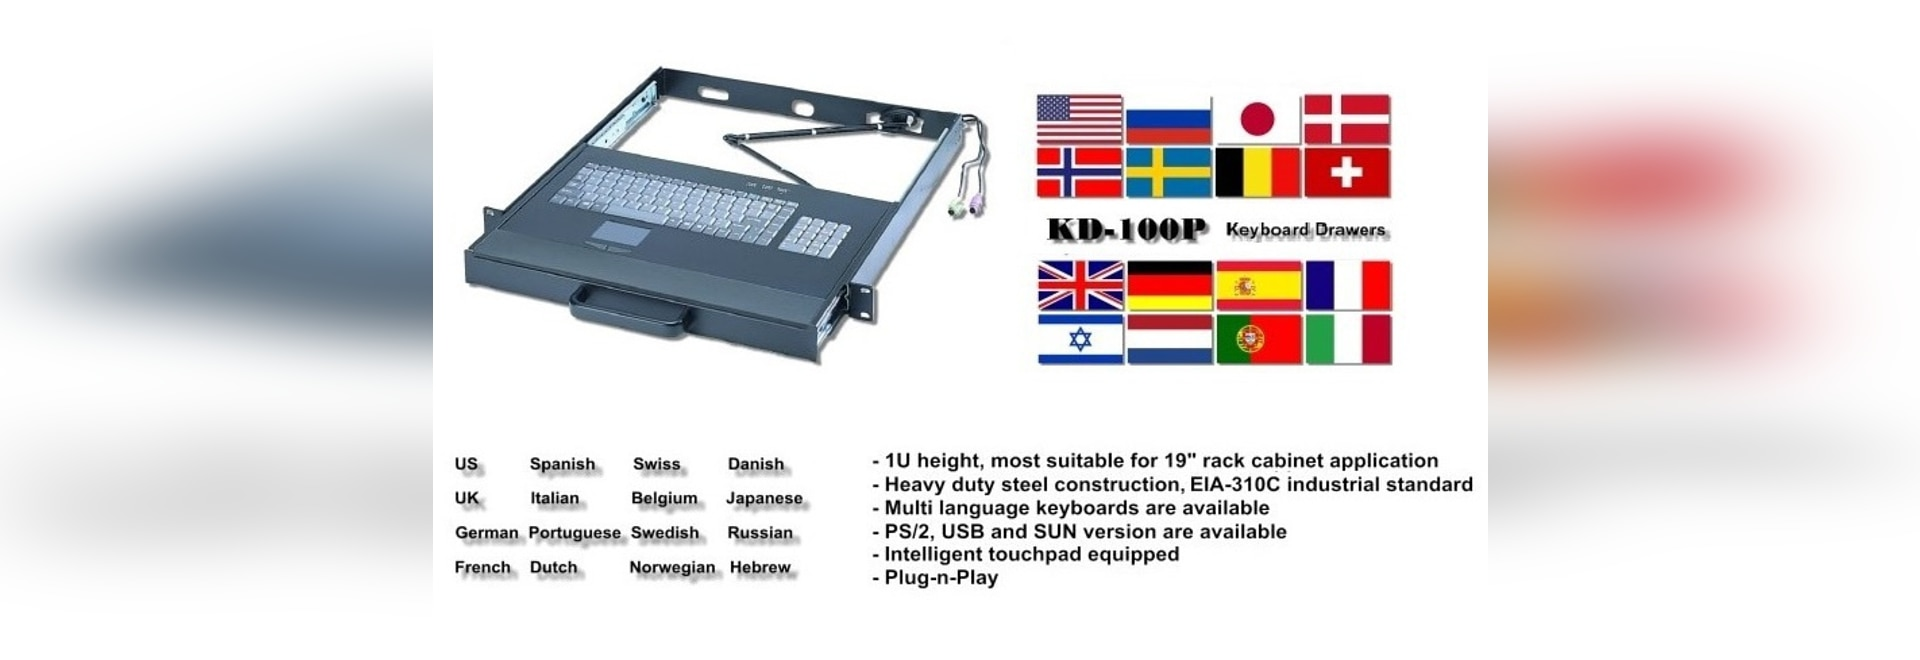 KD-100P: cassetto industriale della tastiera 1U